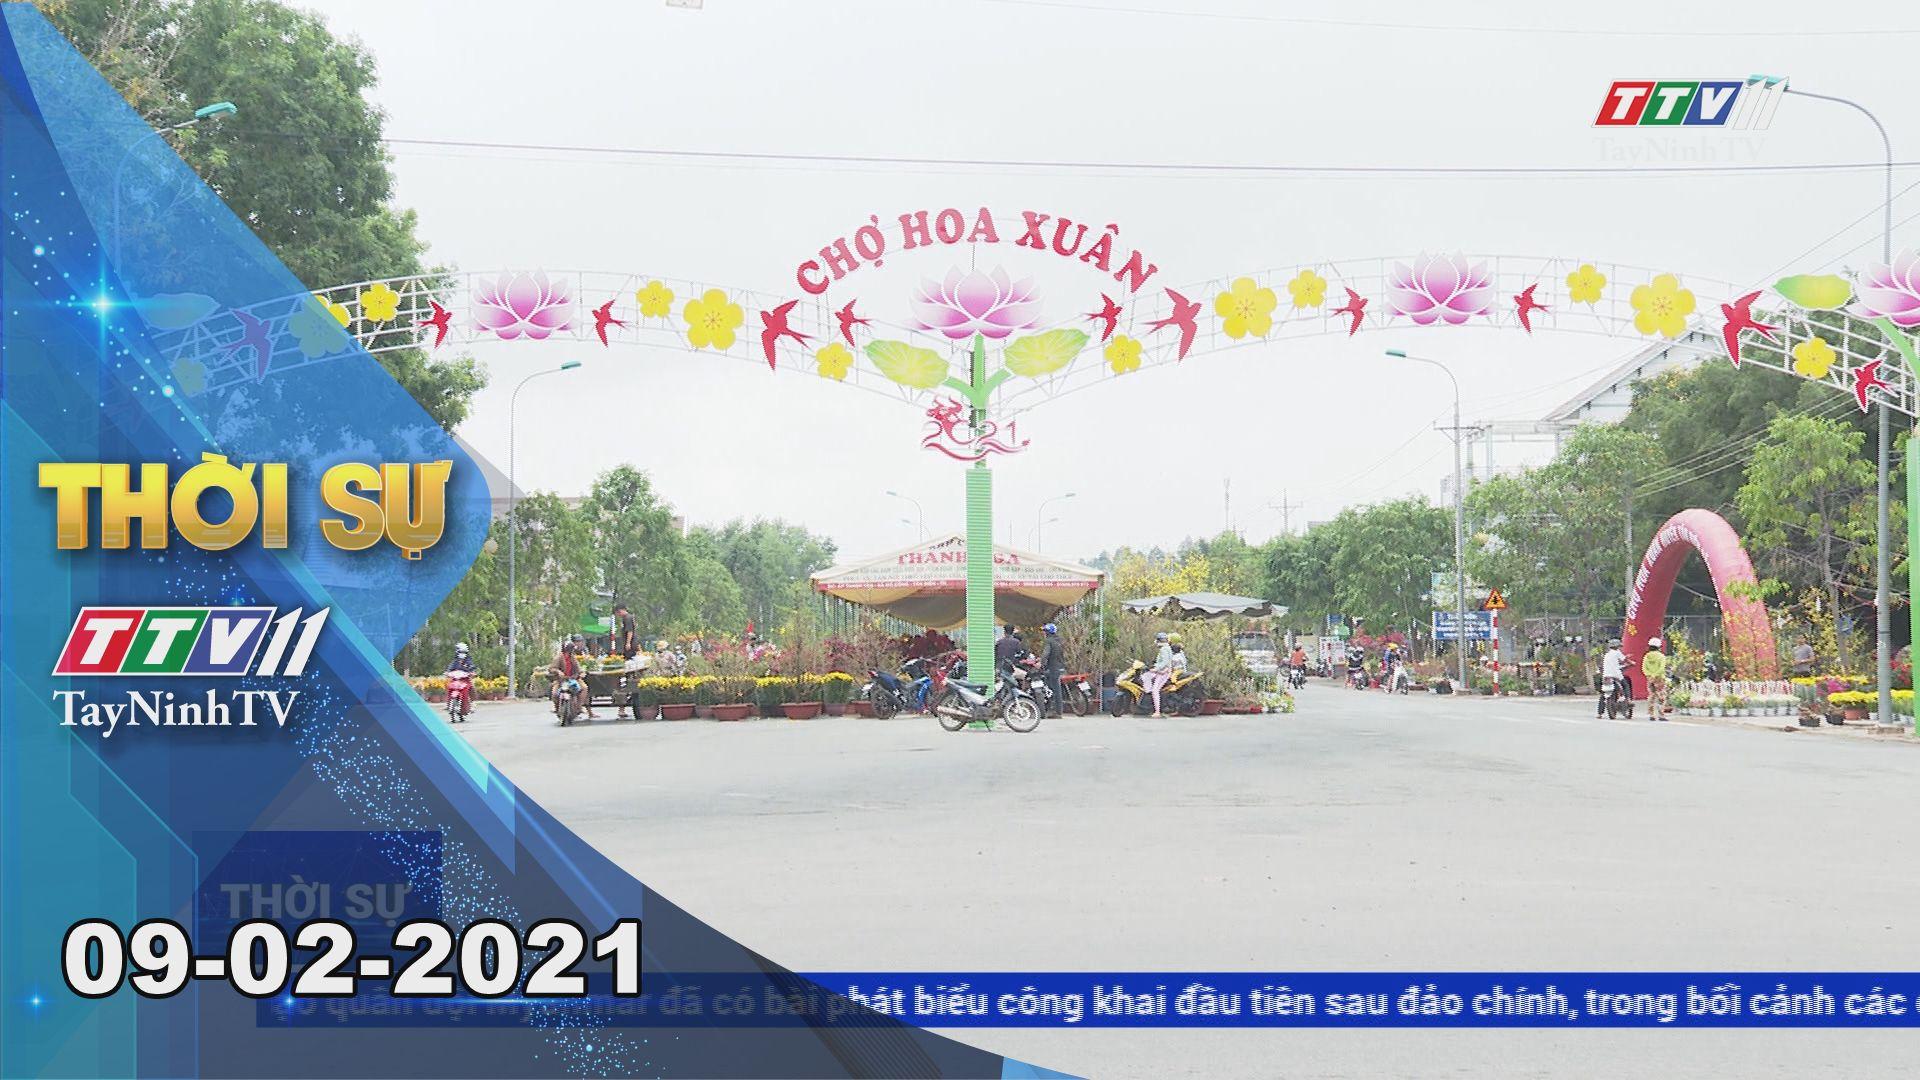 Thời sự Tây Ninh 09-02-2021 | Tin tức hôm nay | TayNinhTV